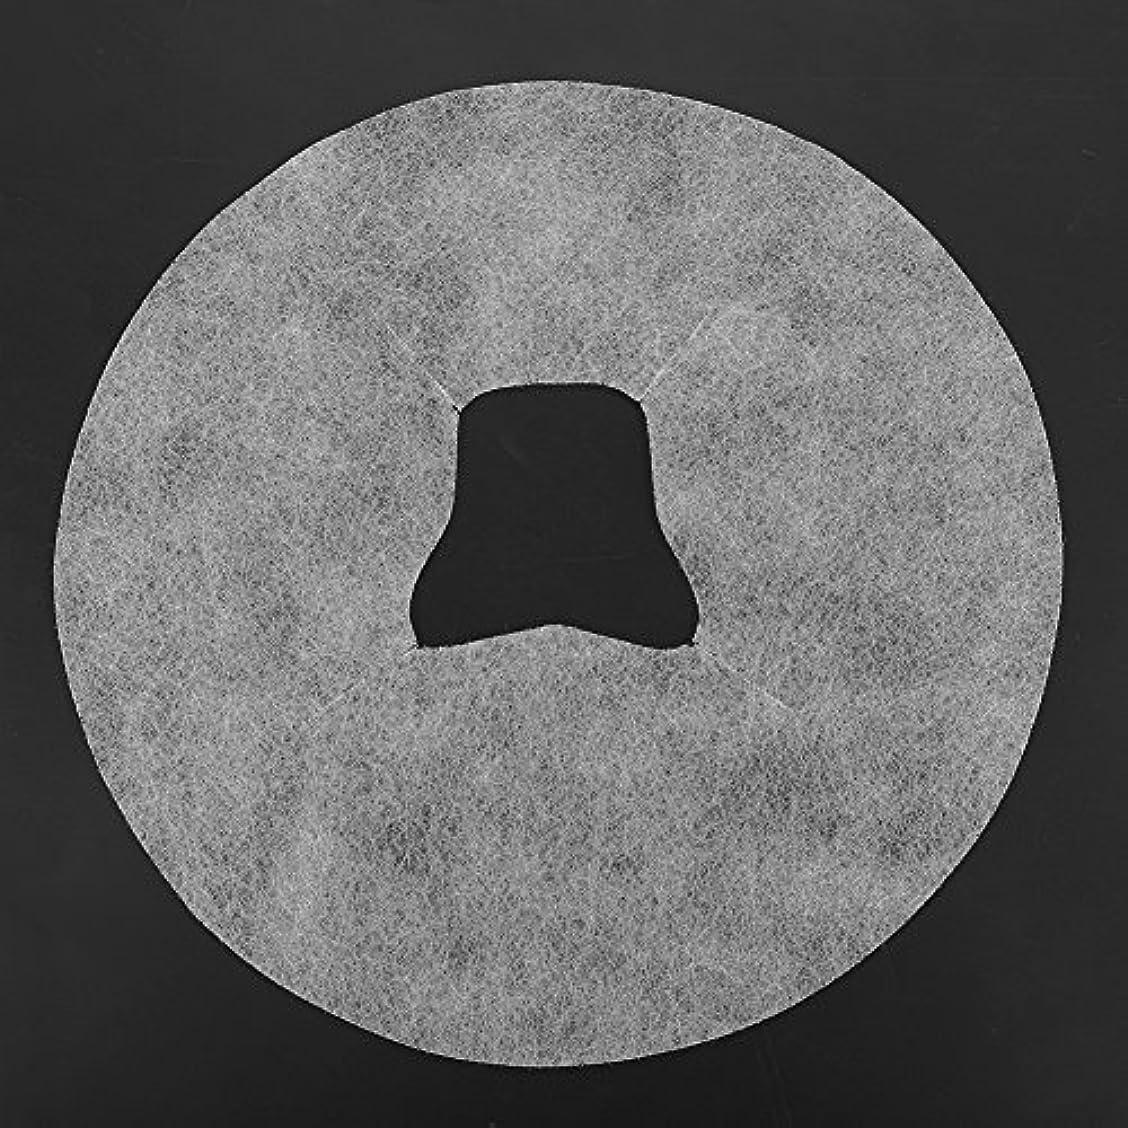 消す泣き叫ぶアジアSoarUp 【100枚入】 フェイスマッサージパッド 使い捨てタオル 顔用 使い捨て 不織布材料 通気性 美容院?スパ?美容マッサージ専用 衛生的 安全 ホワイト